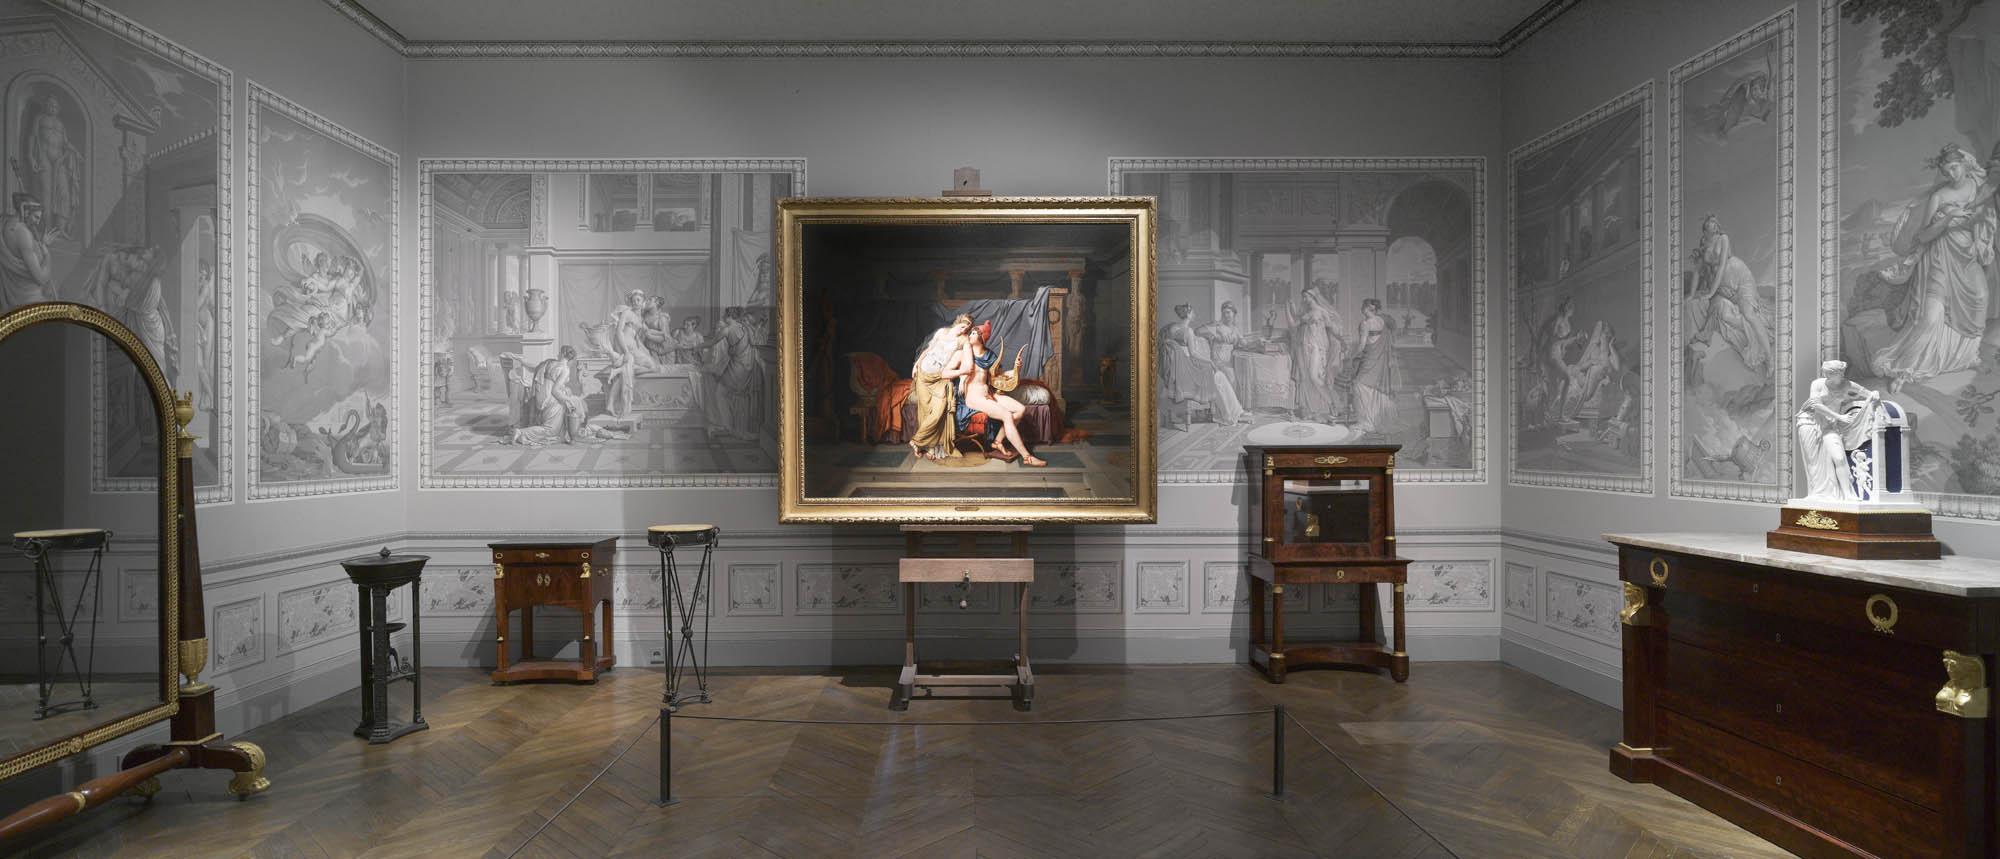 Views of the museum - Les arts decoratifs paris ...